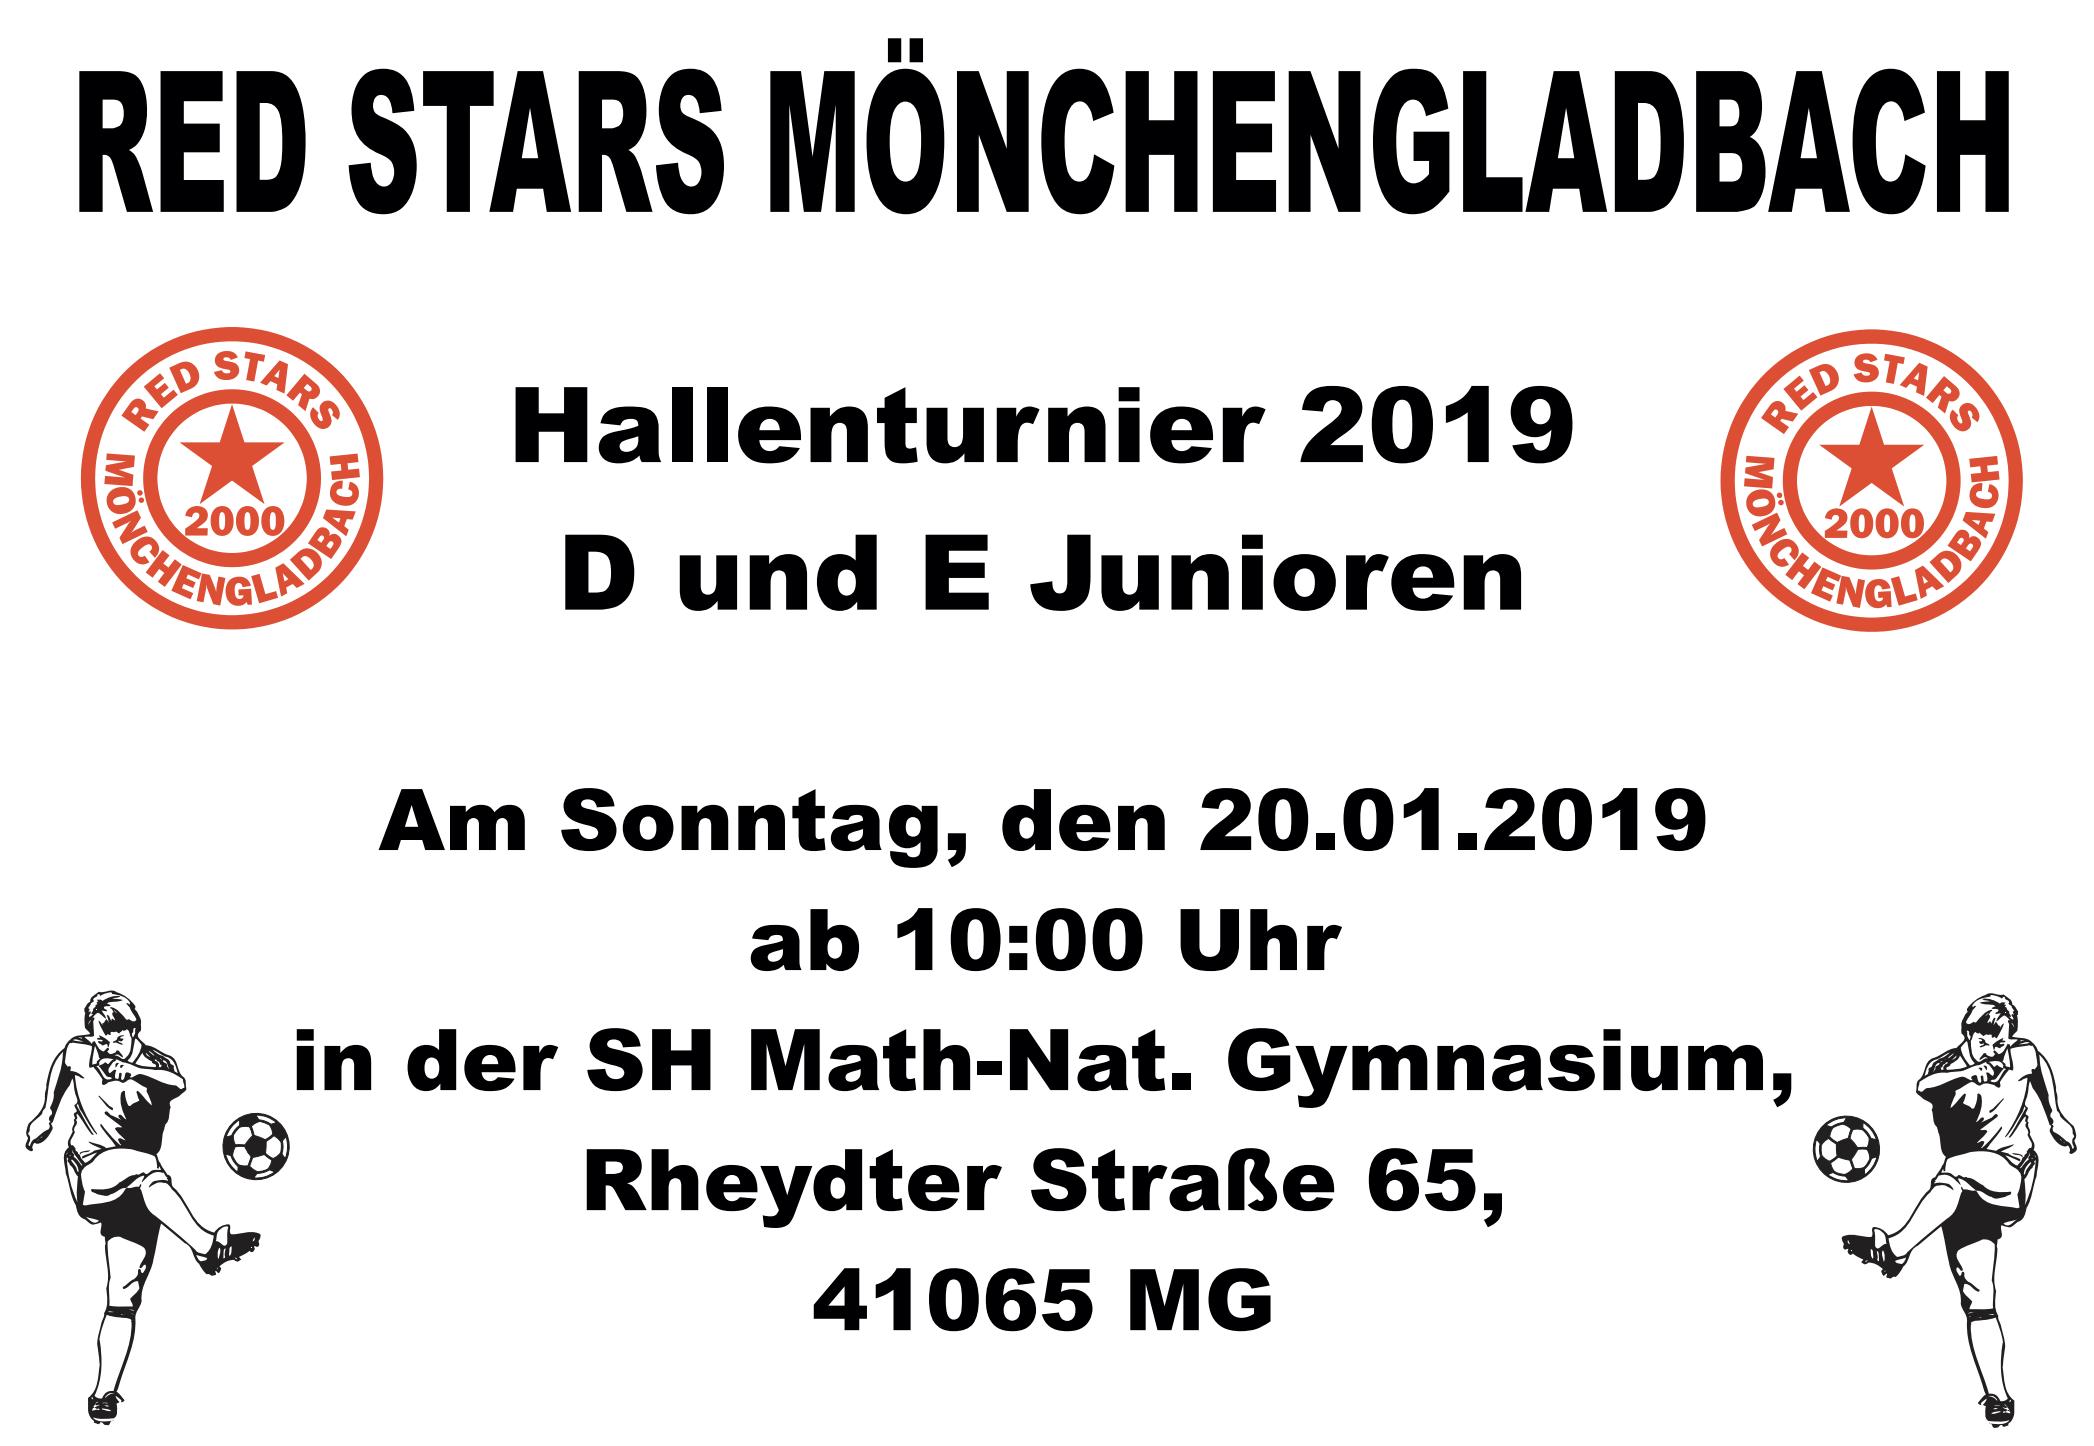 Red Stars Mönchengladbach Hallenturnier 2019 für D und E Junioren